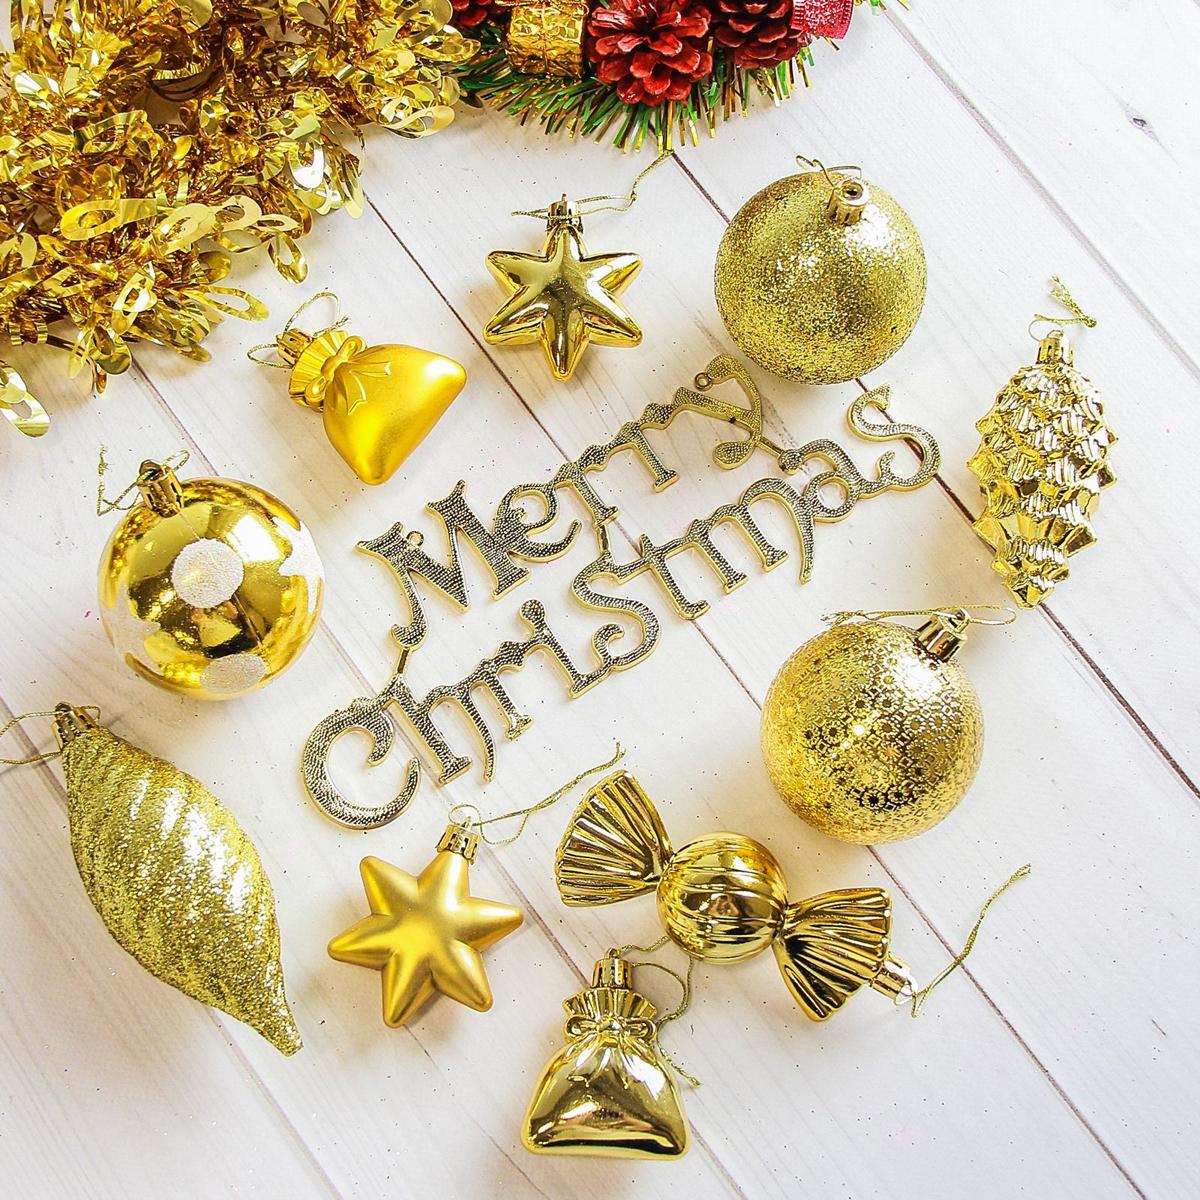 Набор новогодних подвесных украшений Sima-land Виваче, цвет: золотистый, 28 шт2178262Набор новогодних подвесных украшений Sima-land отлично подойдет для декорации вашего дома и новогодней ели. С помощью специальной петельки украшение можно повесить в любом понравившемся вам месте. Но, конечно, удачнее всего оно будет смотреться на праздничной елке. Елочная игрушка - символ Нового года. Она несет в себе волшебство и красоту праздника. Создайте в своем доме атмосферу веселья и радости, украшая новогоднюю елку нарядными игрушками, которые будут из года в год накапливать теплоту воспоминаний.